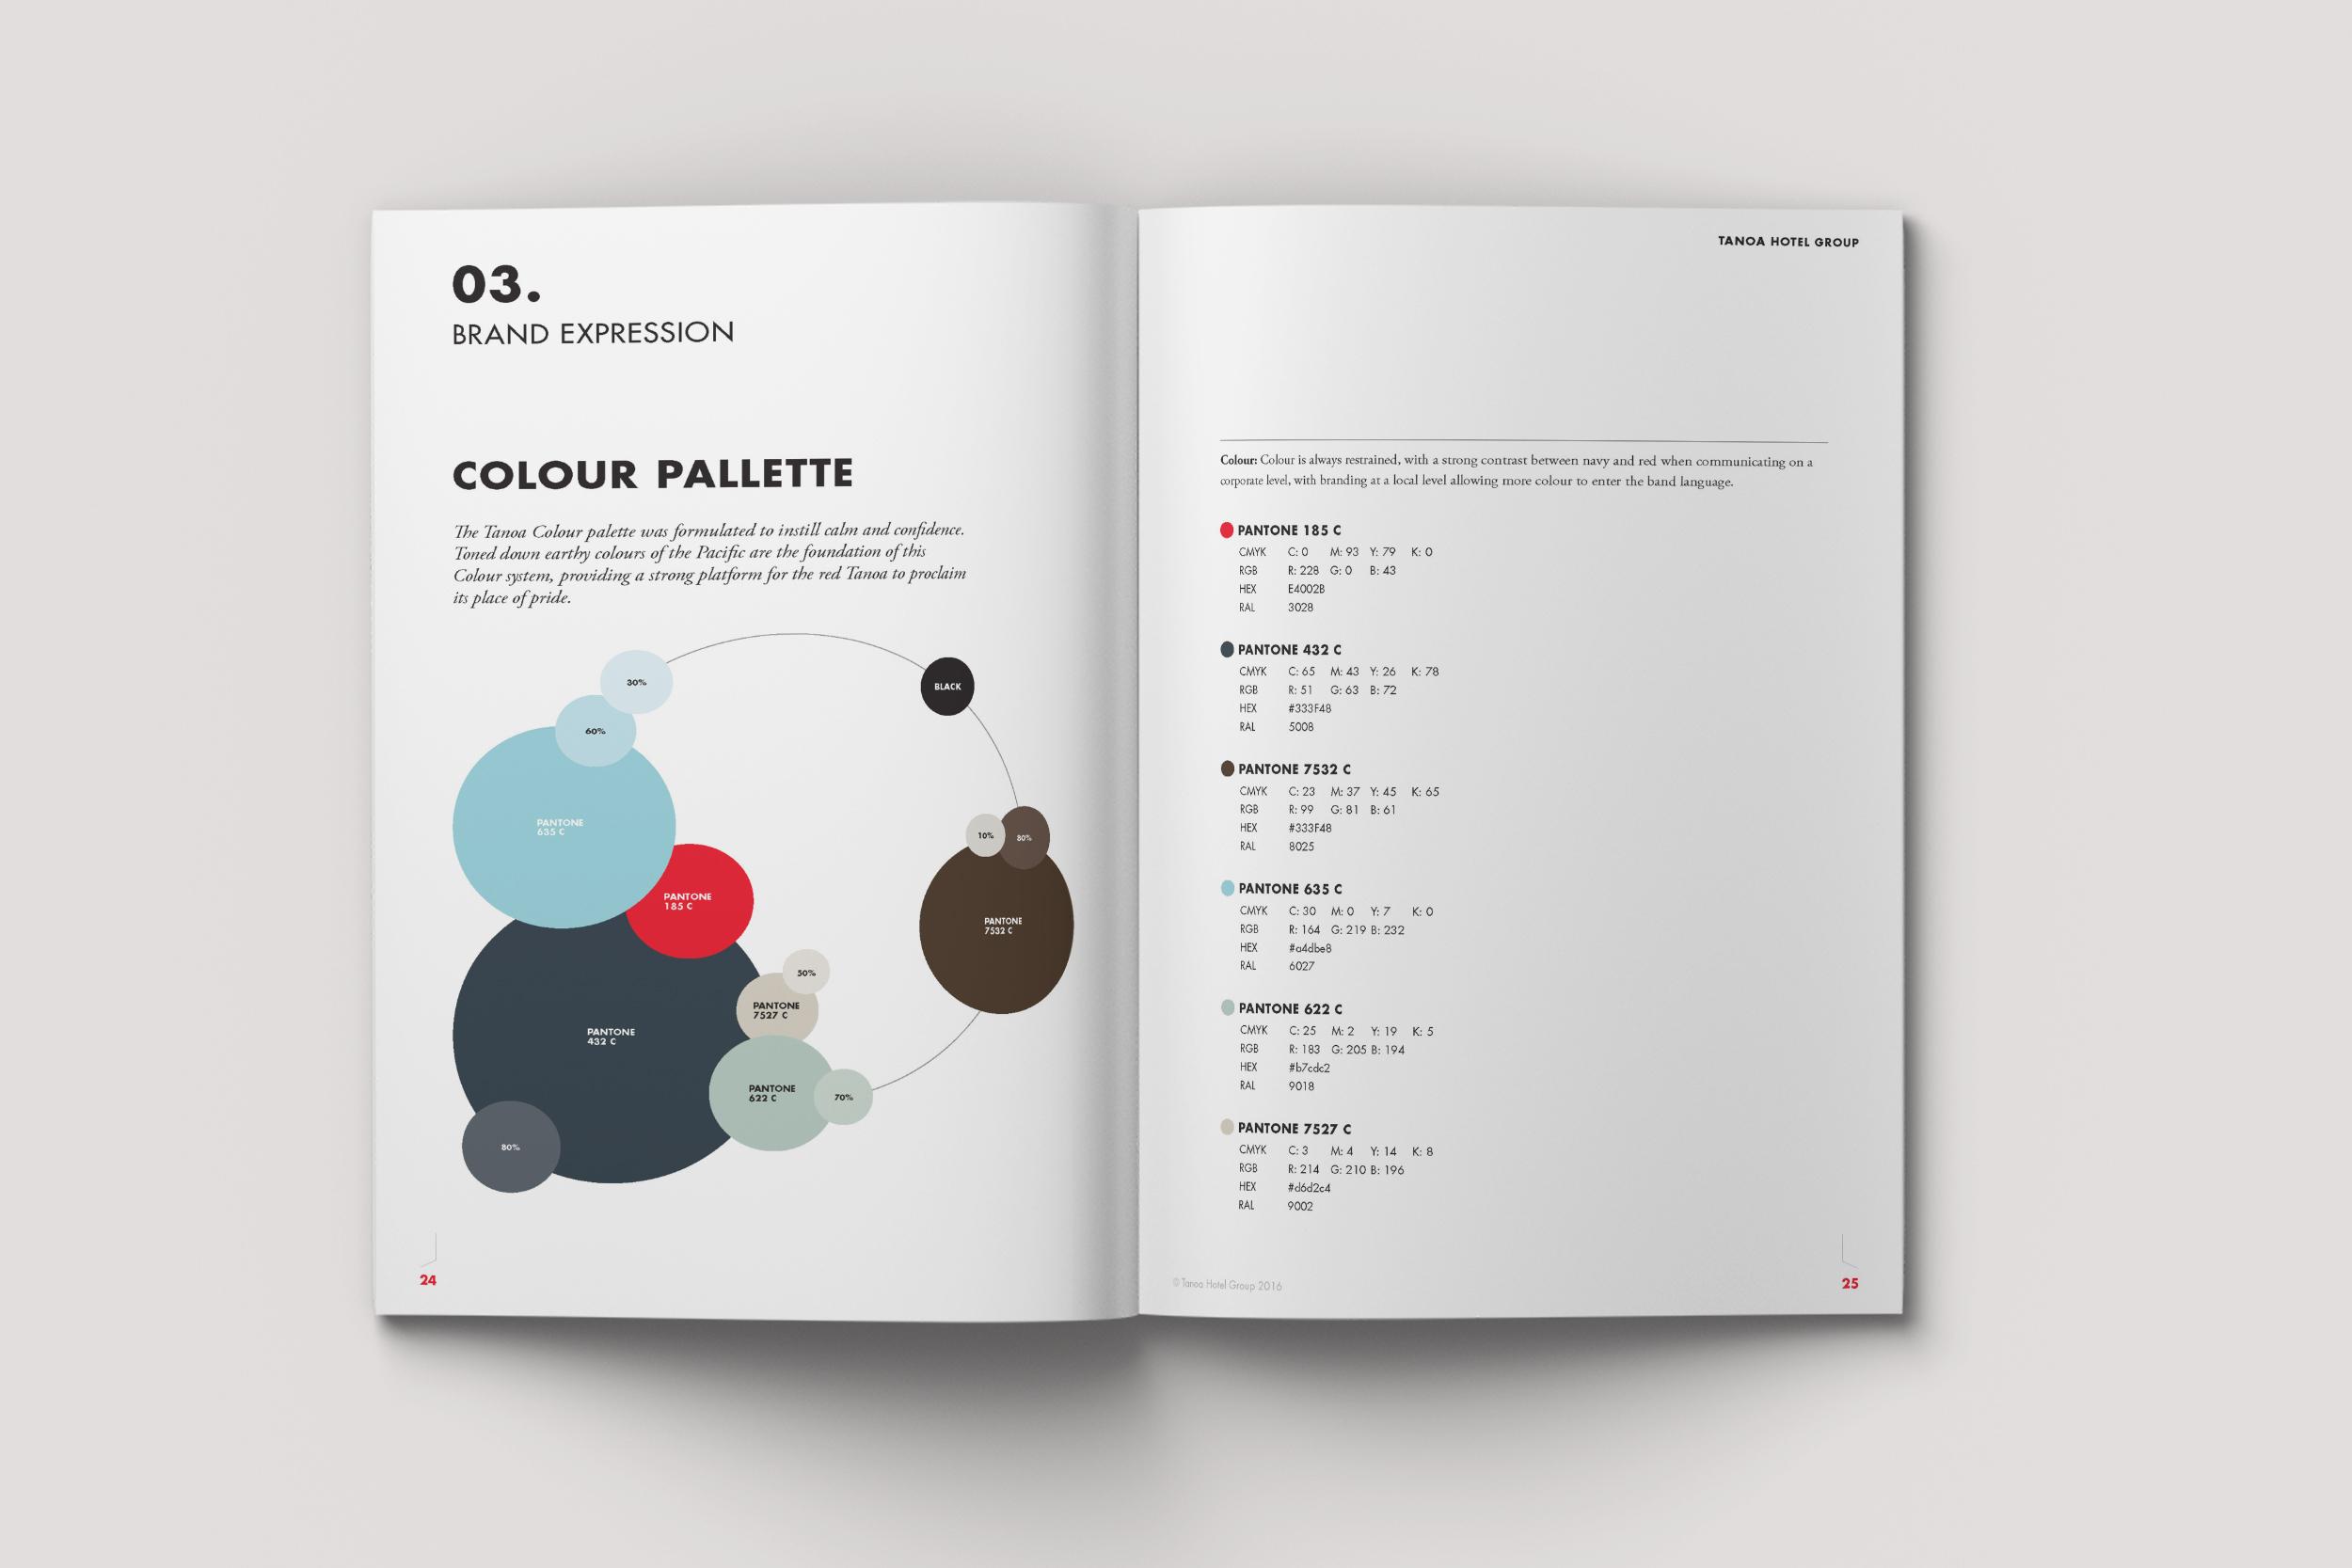 Tanoa-Spread-colour-pallette-2500×1667-1